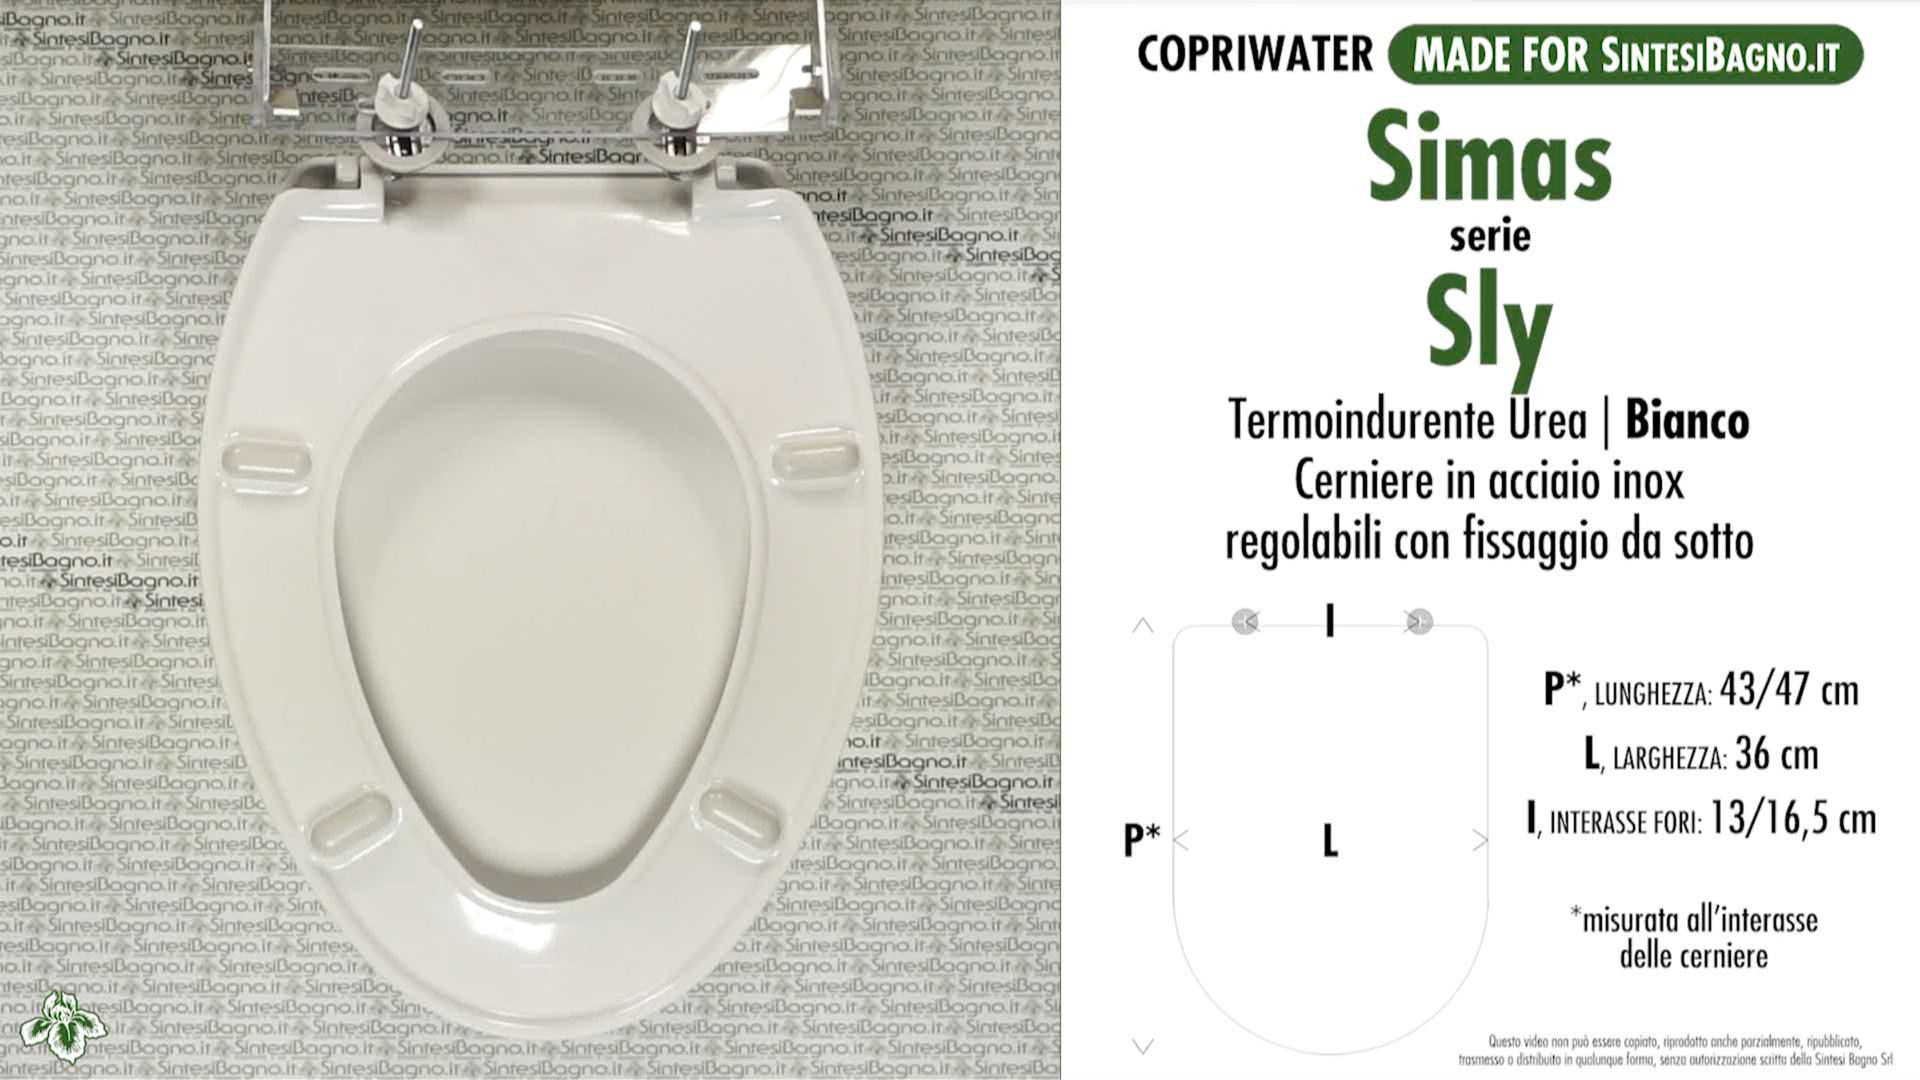 SCHEDA TECNICA MISURE copriwater SIMAS SLY